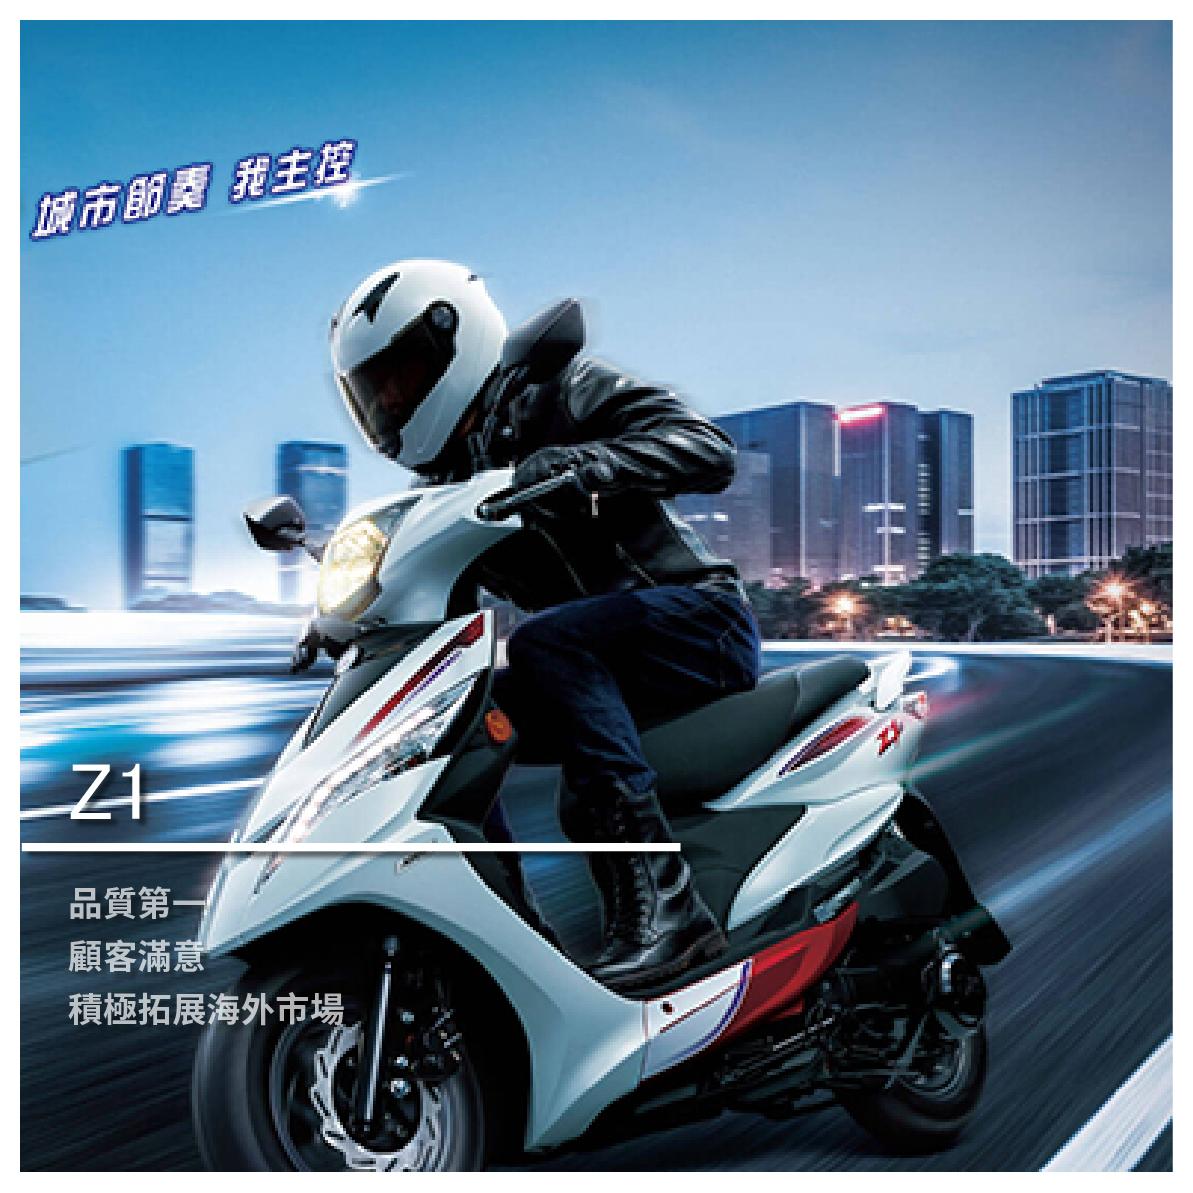 【鋐安車業】SYM 三陽系列 Z1